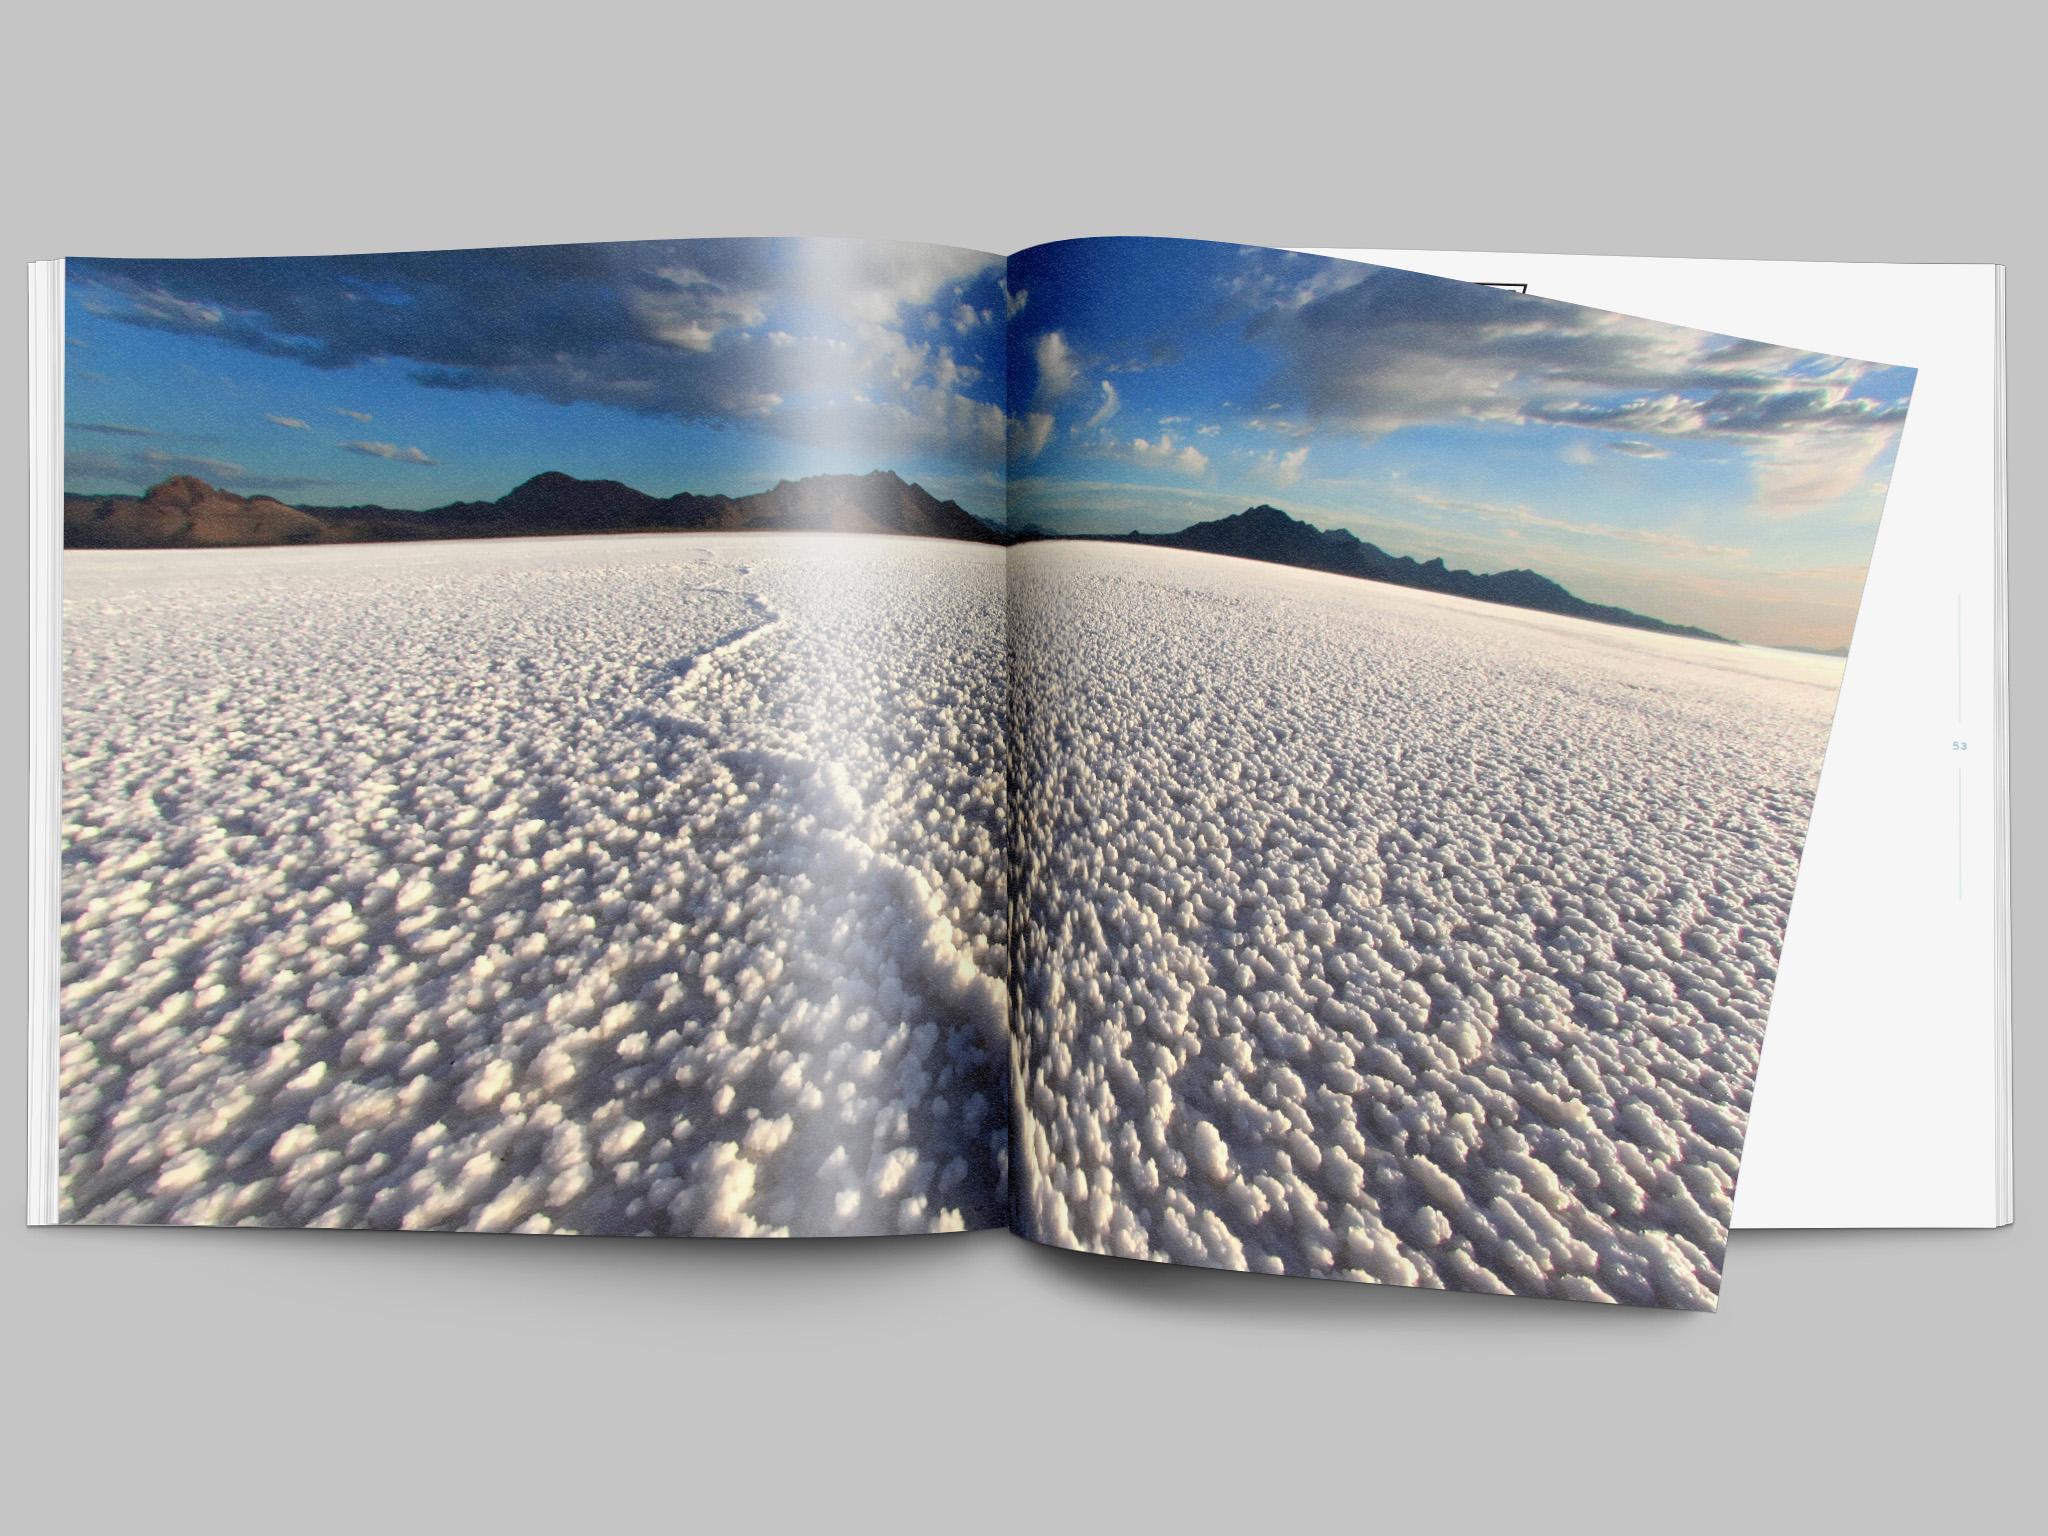 landspeed_horizontal_0000s_0020_landspeed_bookmockup.18.jpg